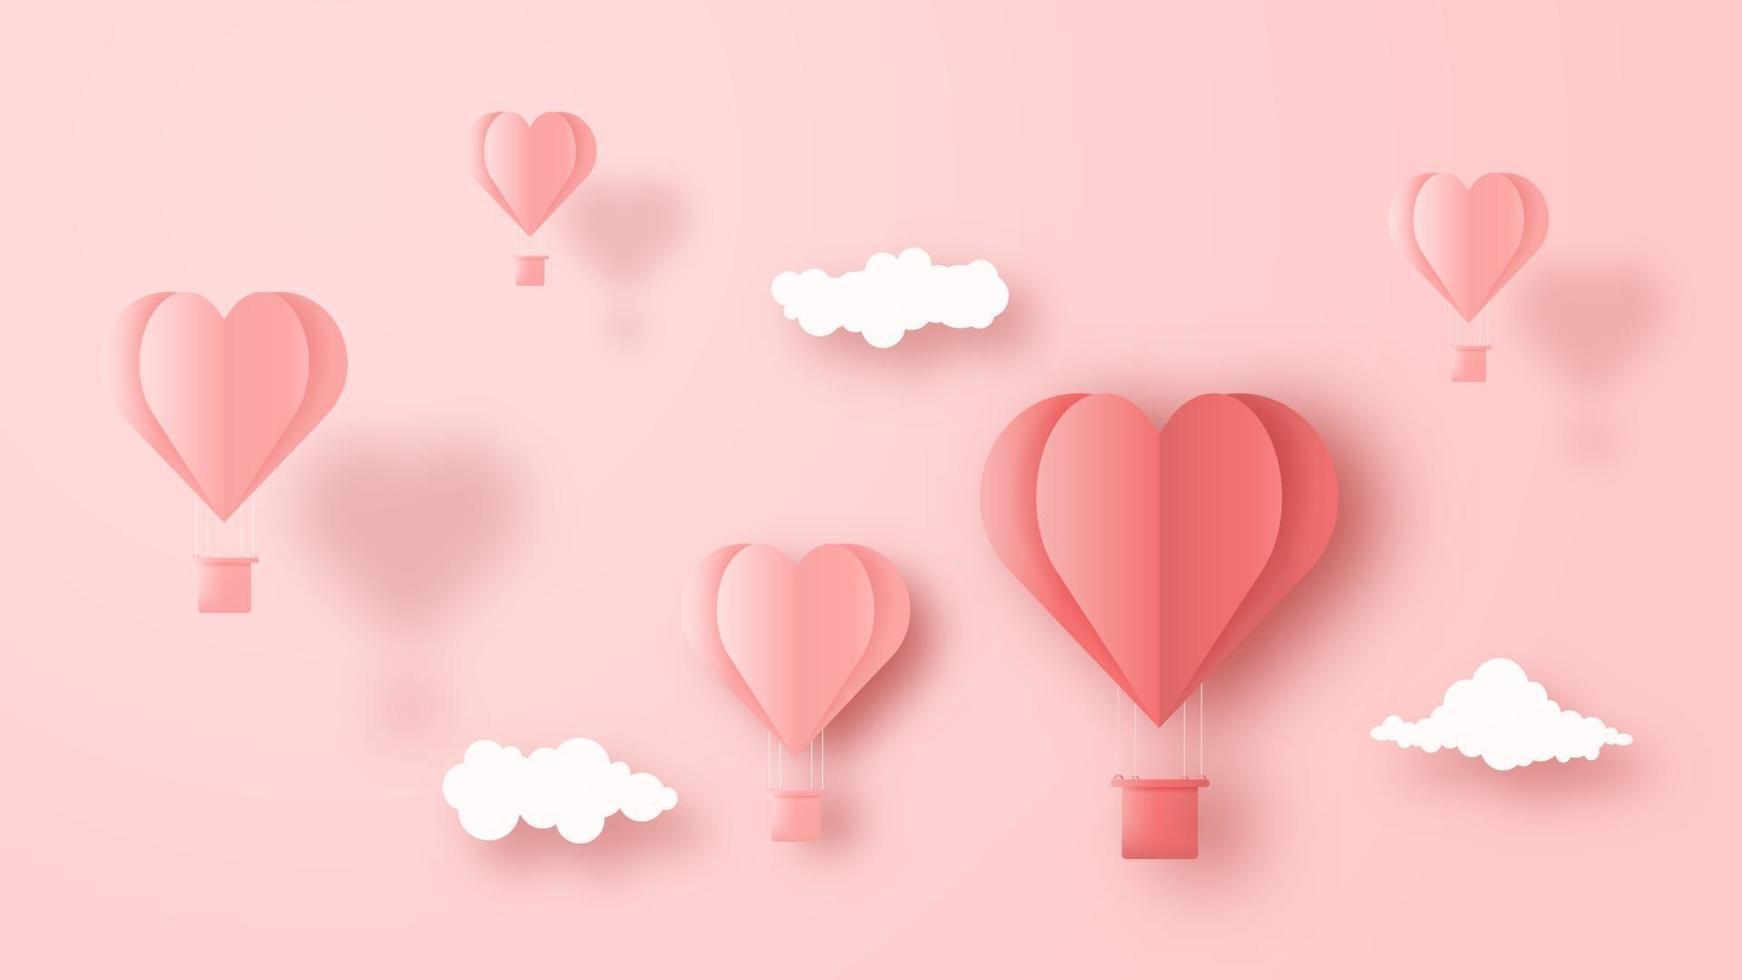 Hjärta för luftballong för origami 3d som flyger med moln på himmelbakgrund. kärlek konceptdesign för glad mors dag, alla hjärtans dag, födelsedag. vektor papper konst illustration.